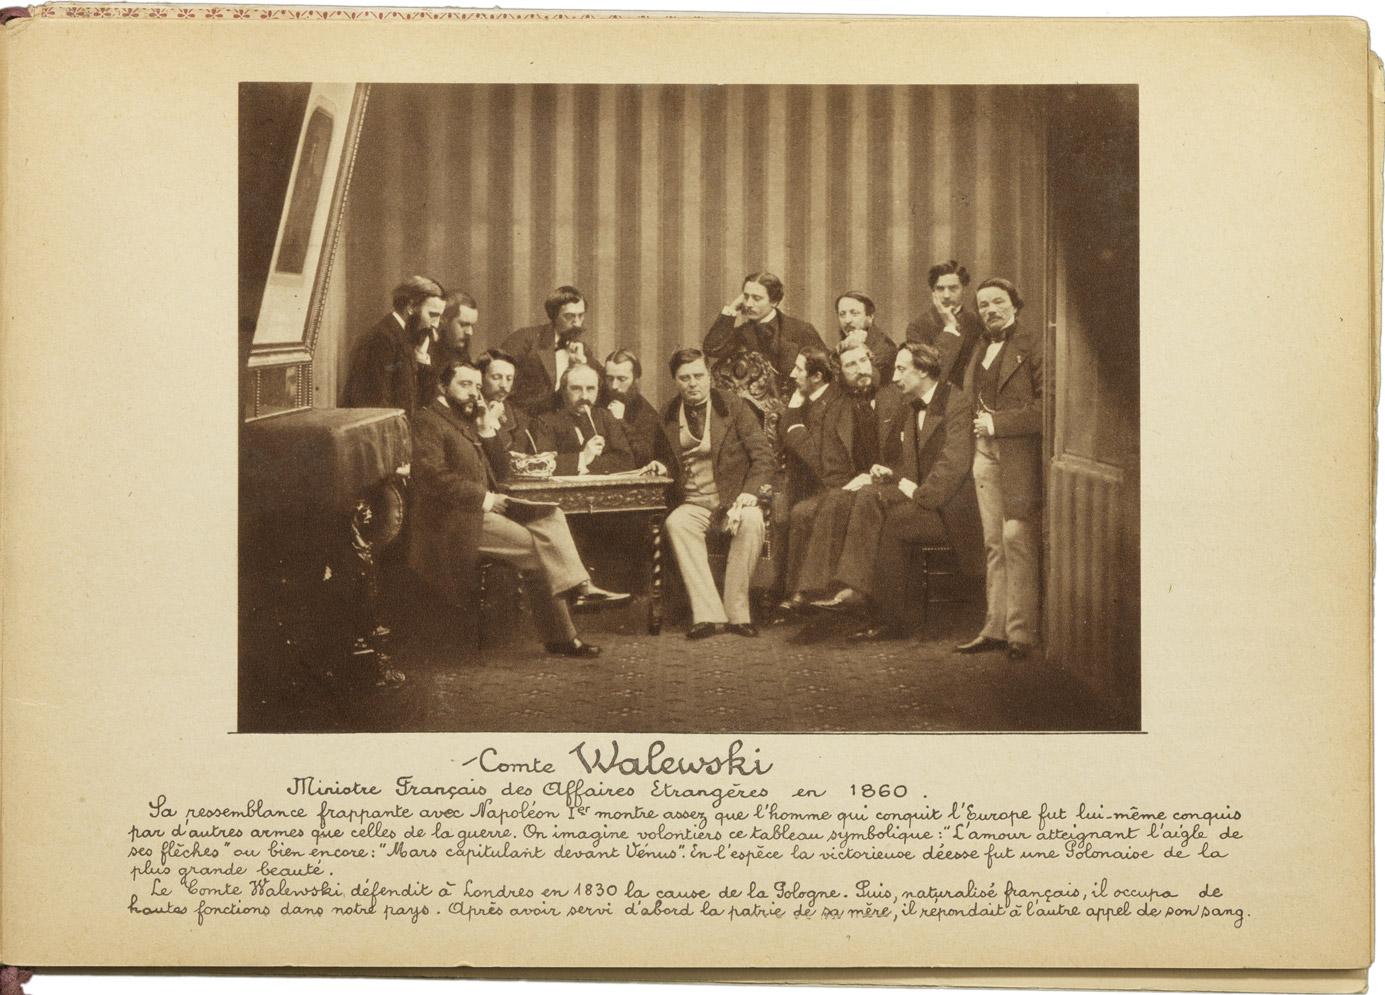 Photographie d'Alexandre Walewski, Ministre des Affaires Étrangères - Patrimoine Charles-André COLONNA WALEWSKI, en ligne directe de Napoléon